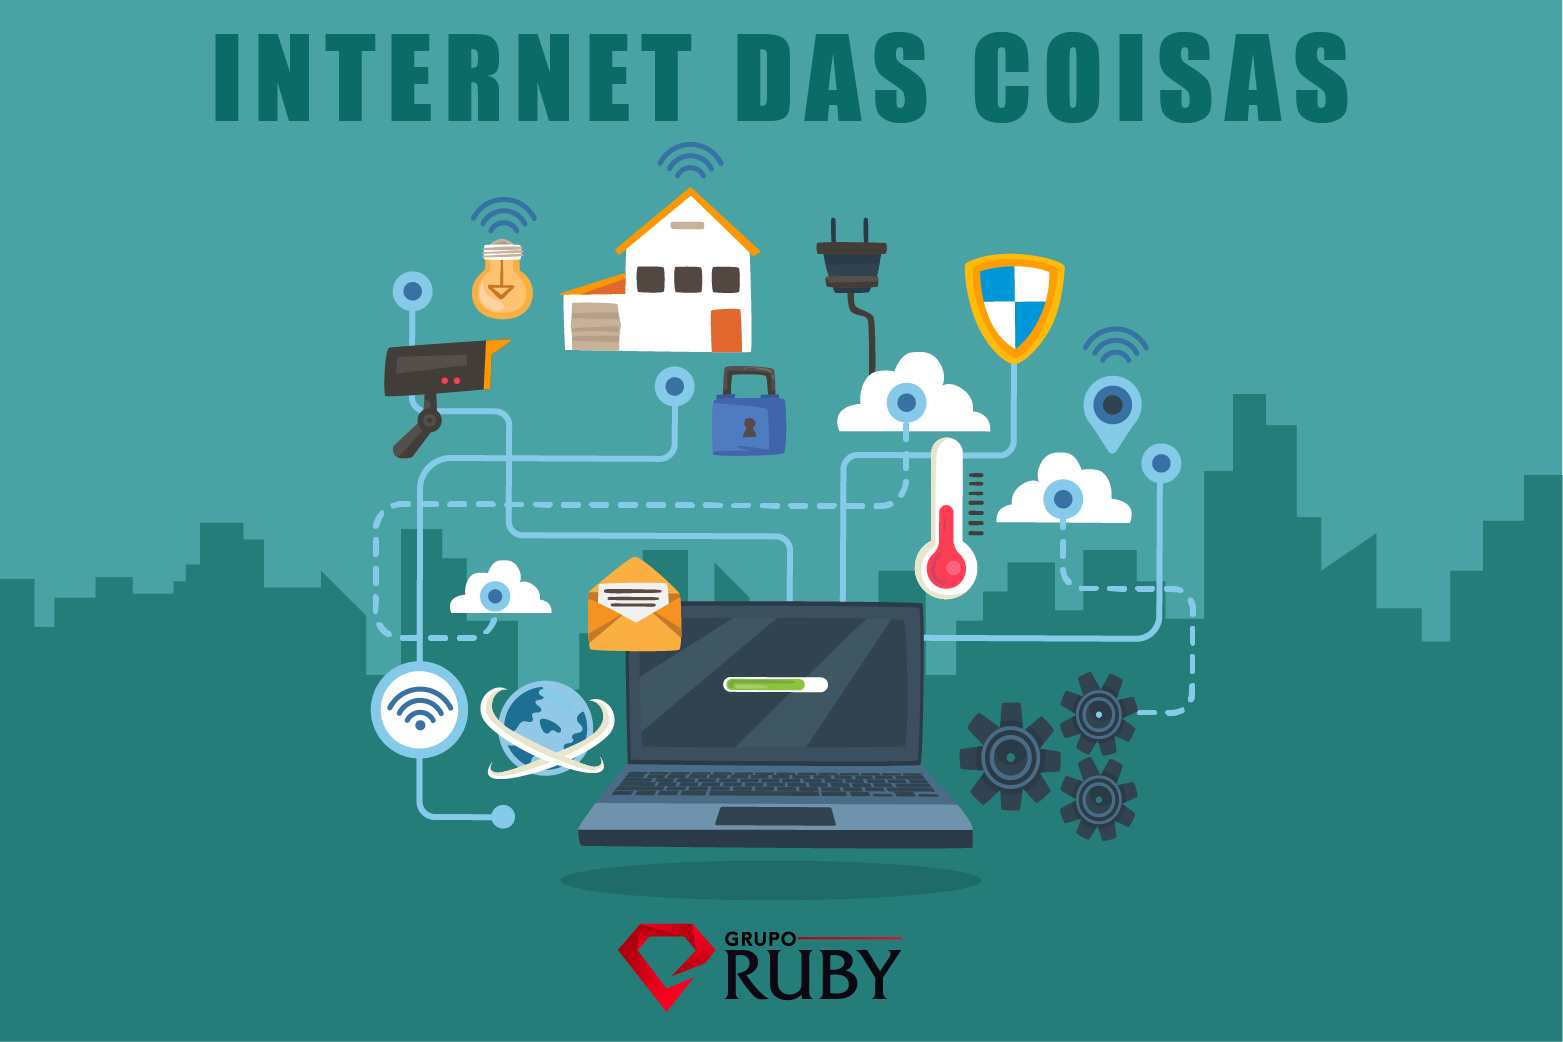 Internet das coisas em Ruby Segurança